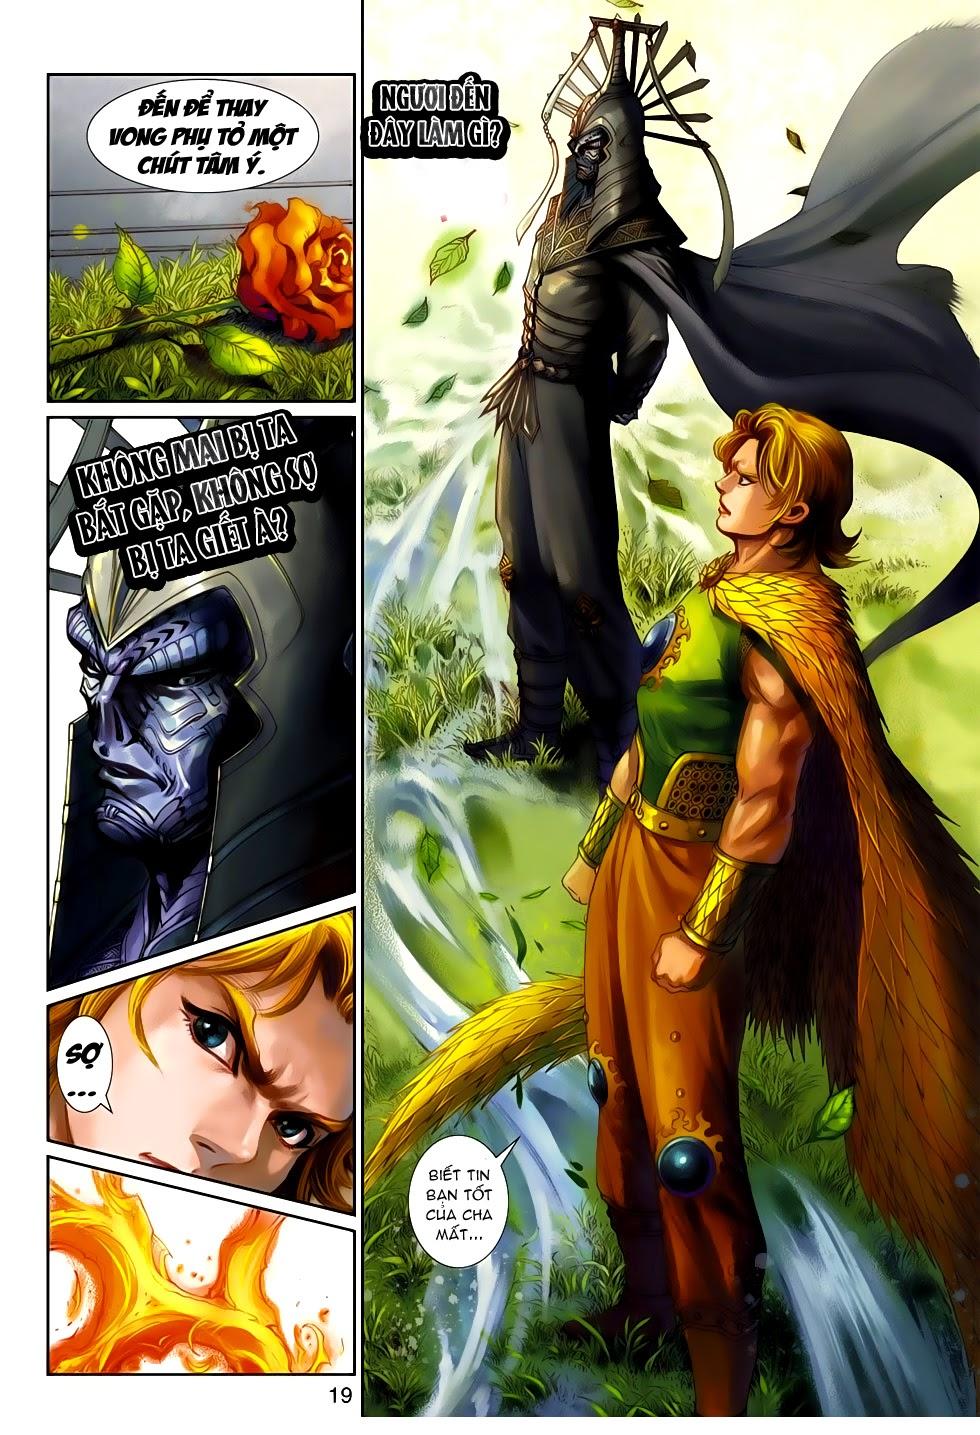 Thần Binh Tiền Truyện 4 - Huyền Thiên Tà Đế chap 14 - Trang 19